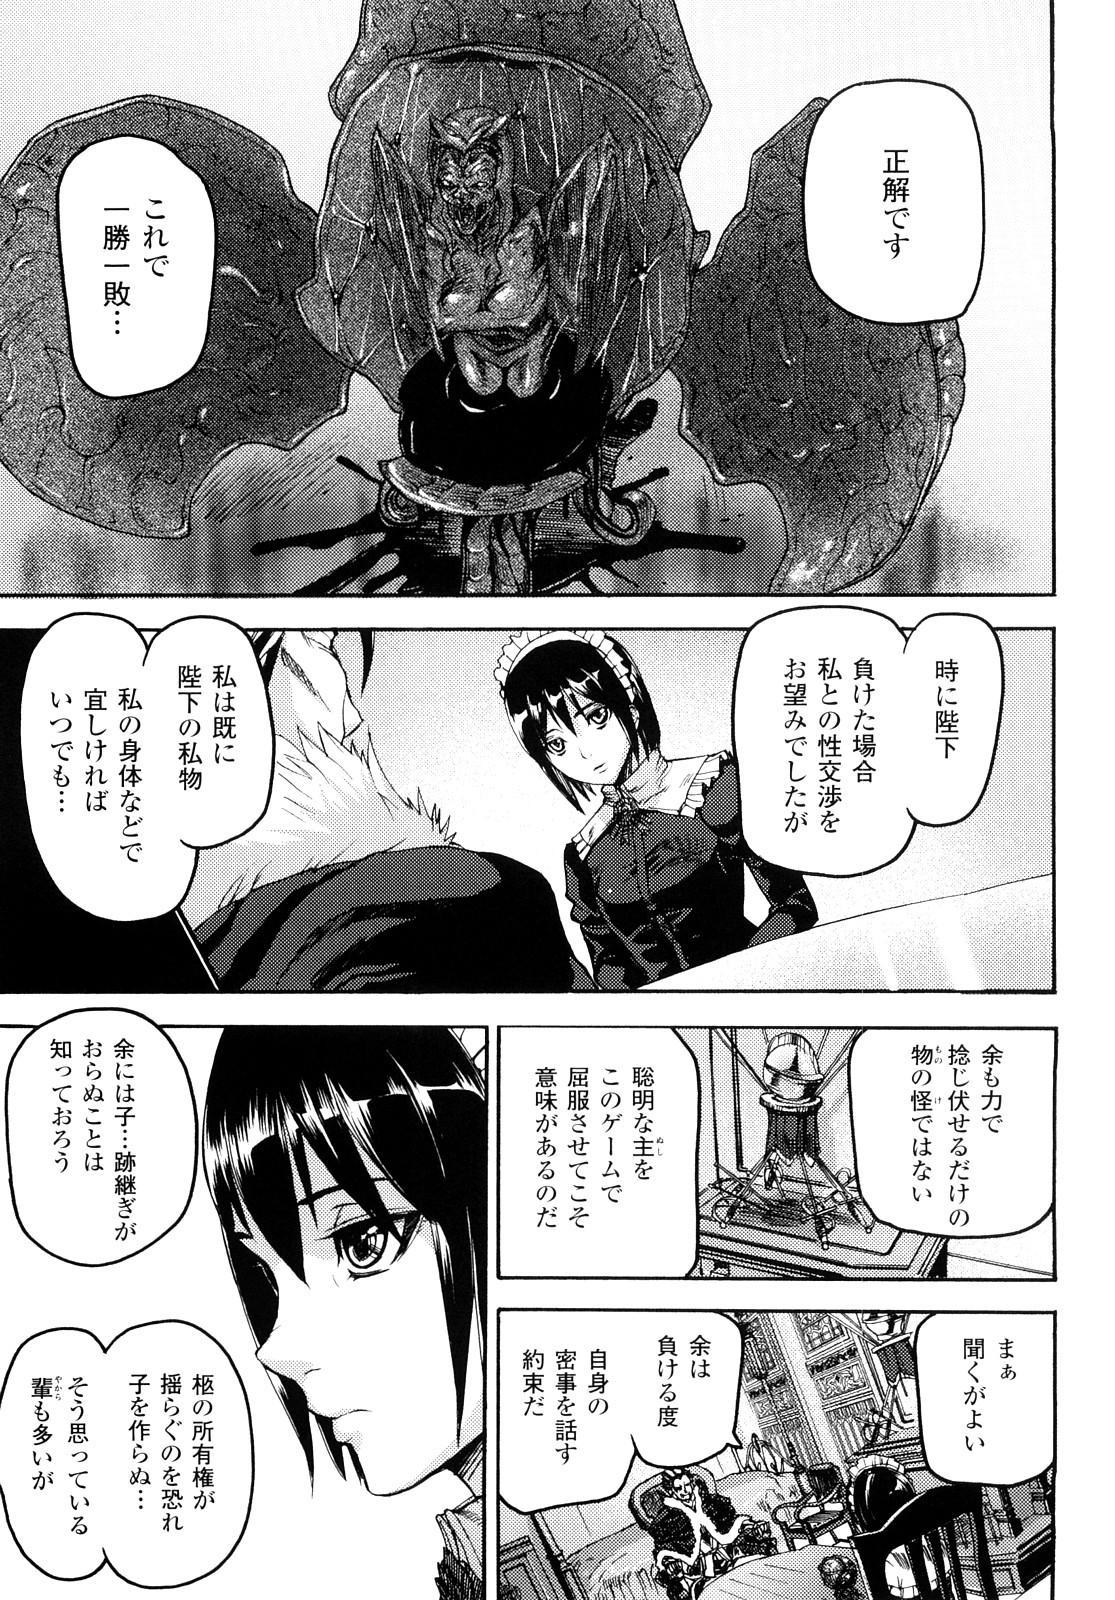 Cerberum no Hitsugi Haitoku no Hanmegami - The Coffin of Cerebrum Immoral Demivenus 59